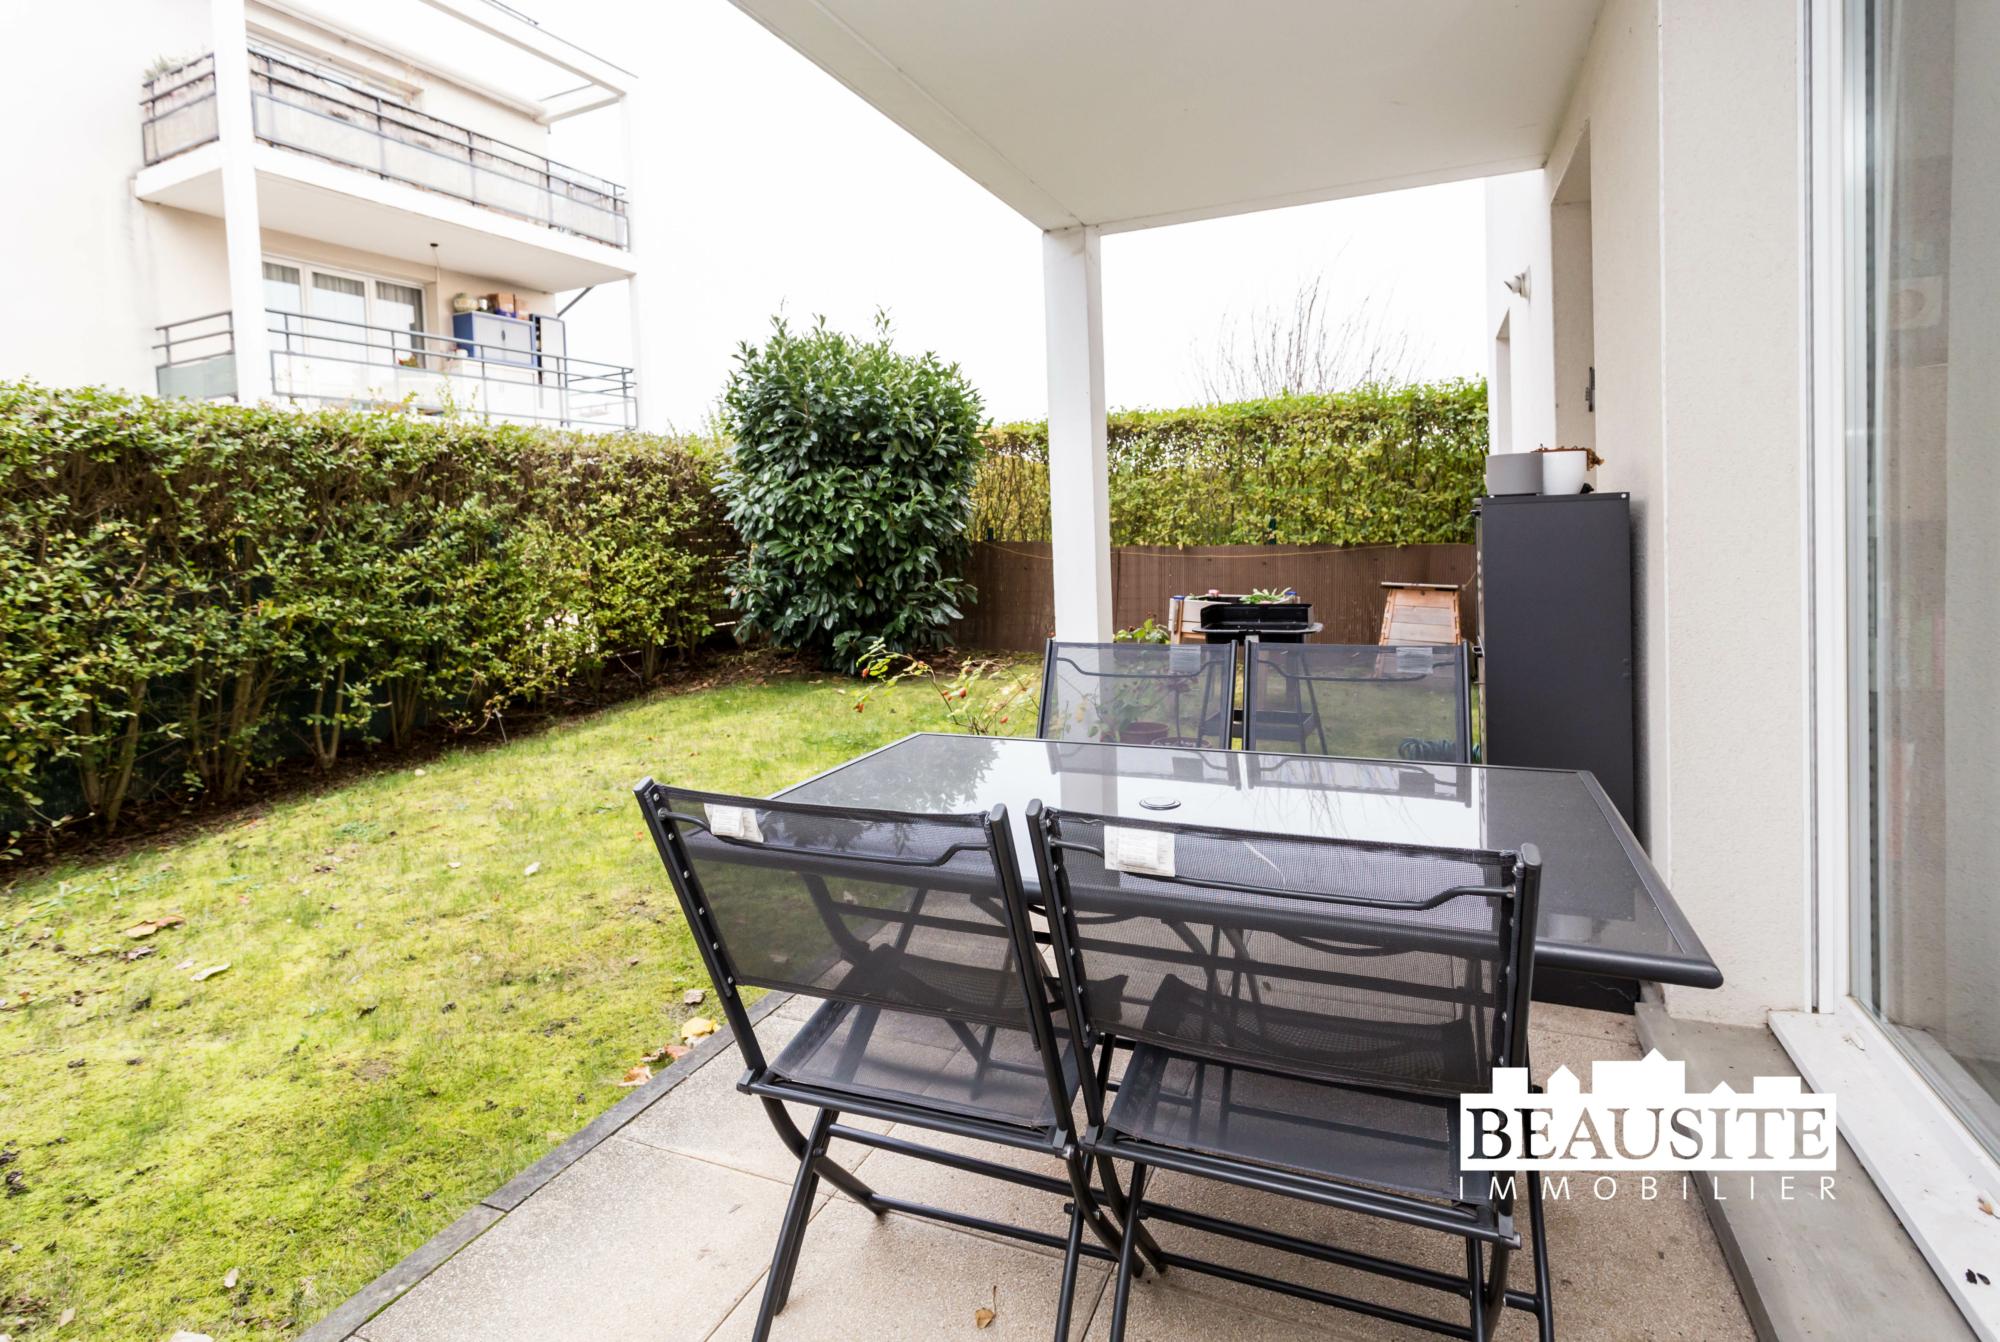 [Lily] Un verdoyant 2 pièces avec jardin privatif et parking – Schiltigheim - nos ventes - Beausite Immobilier 3